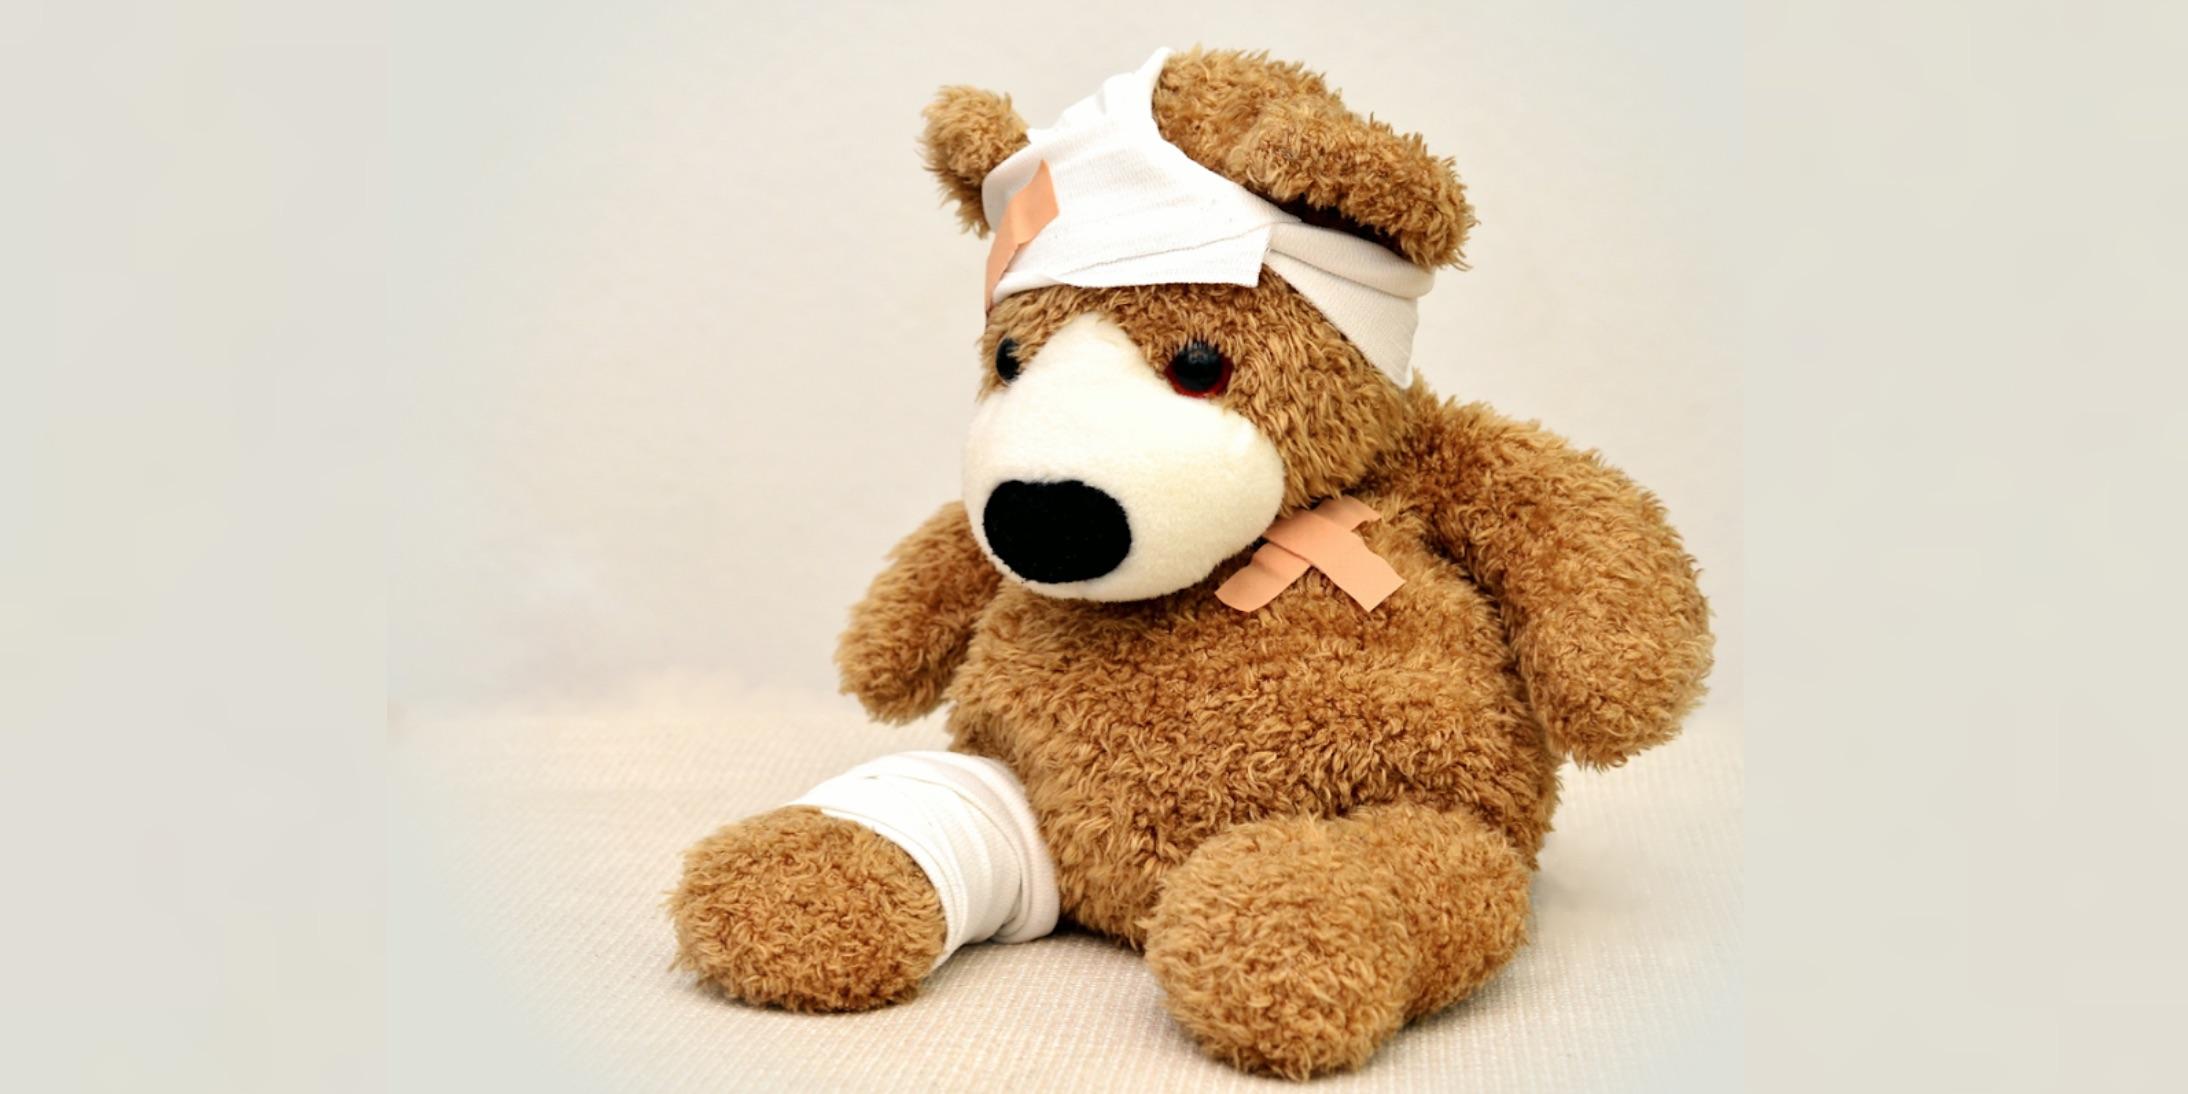 Primeiros socorros para crianças | Soluções para situações comuns